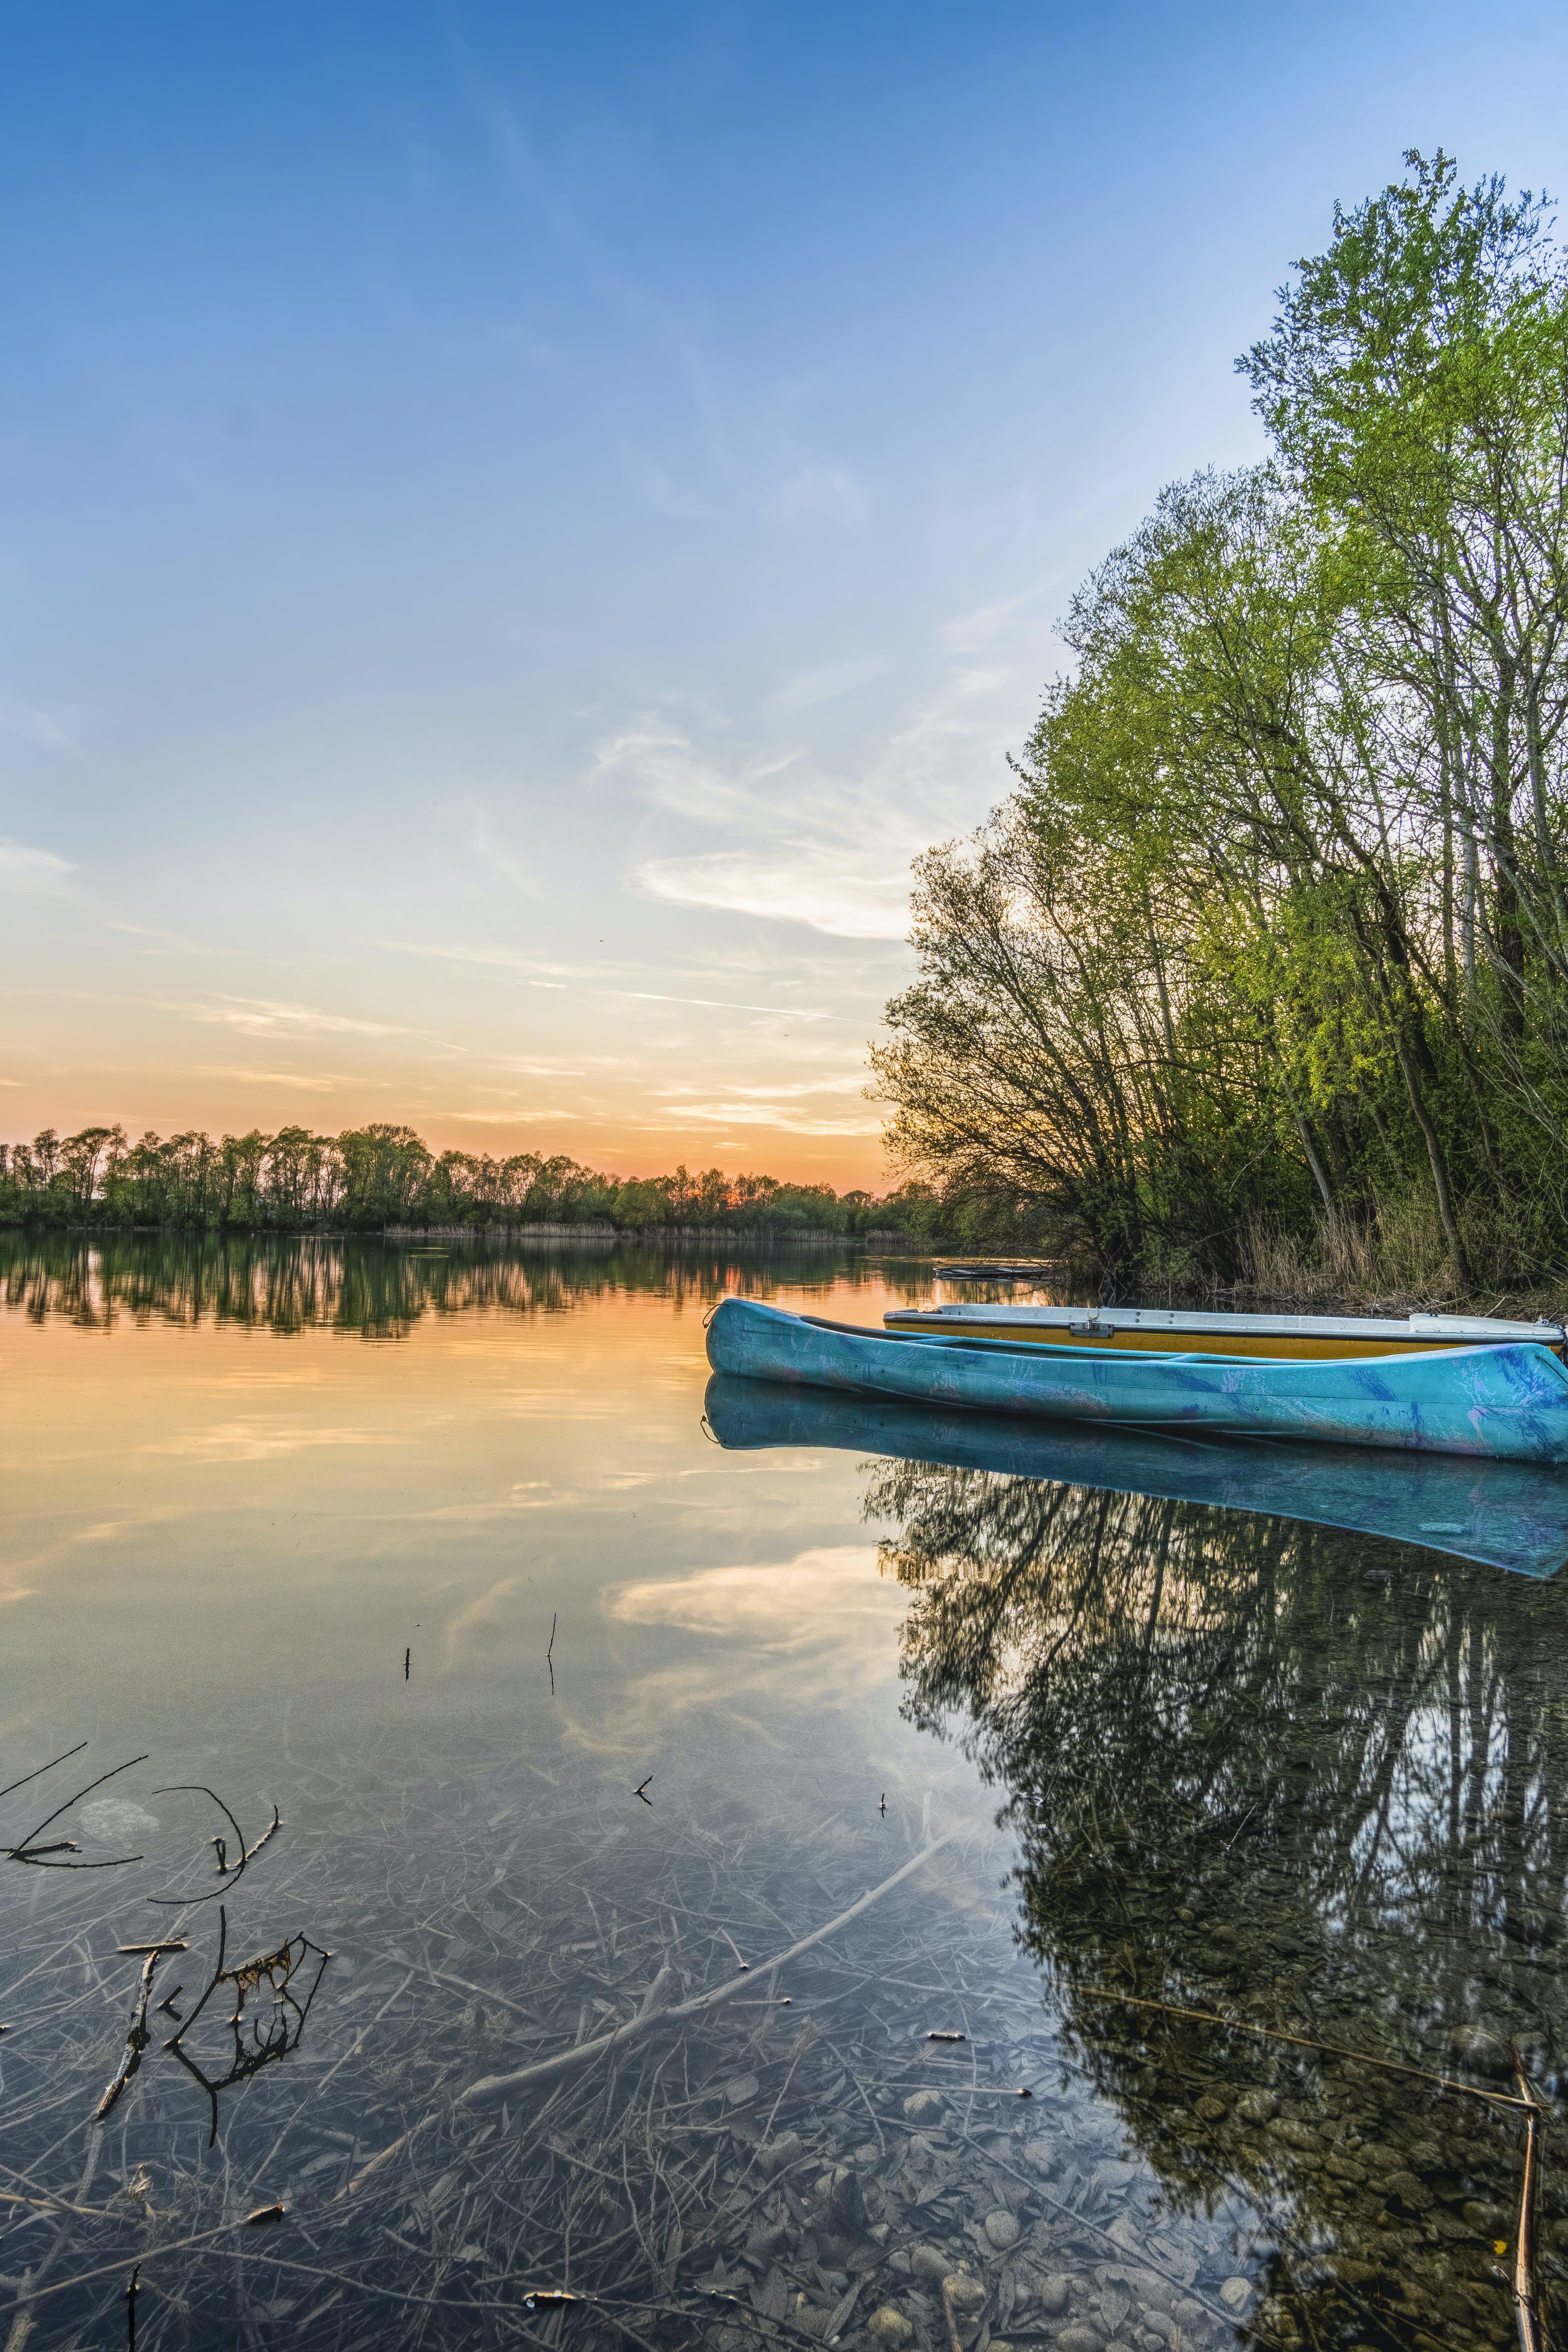 Blue Canoe on Water Beside Trees